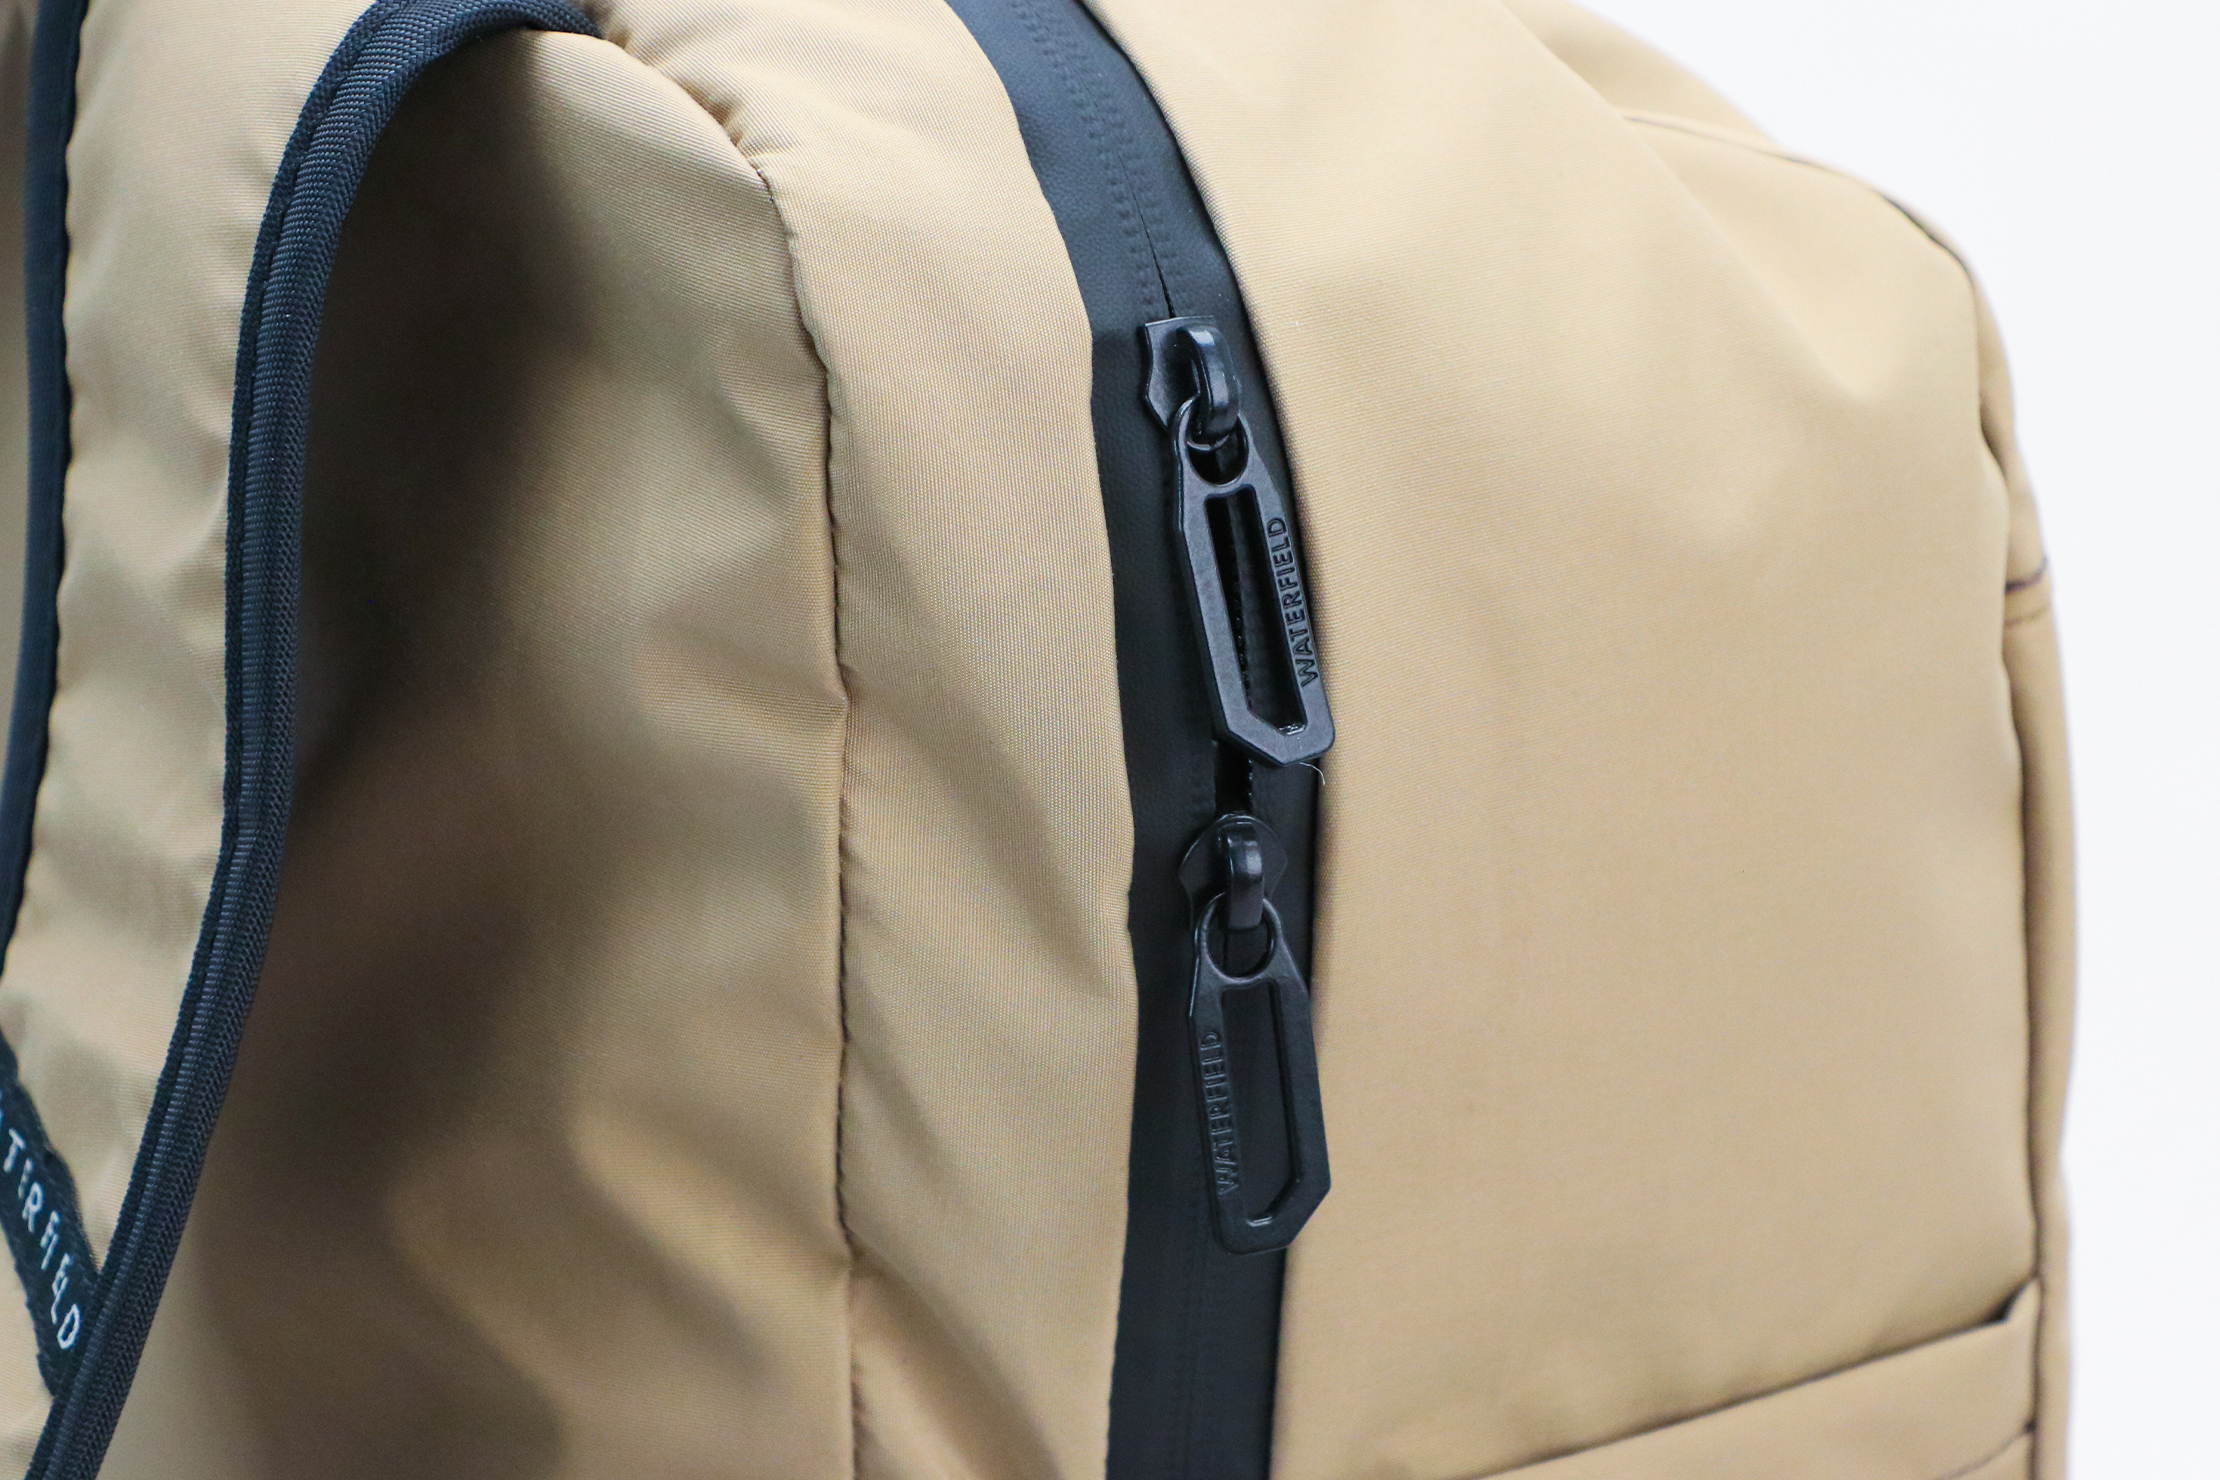 WaterField Designs Packable Backpack Zipper